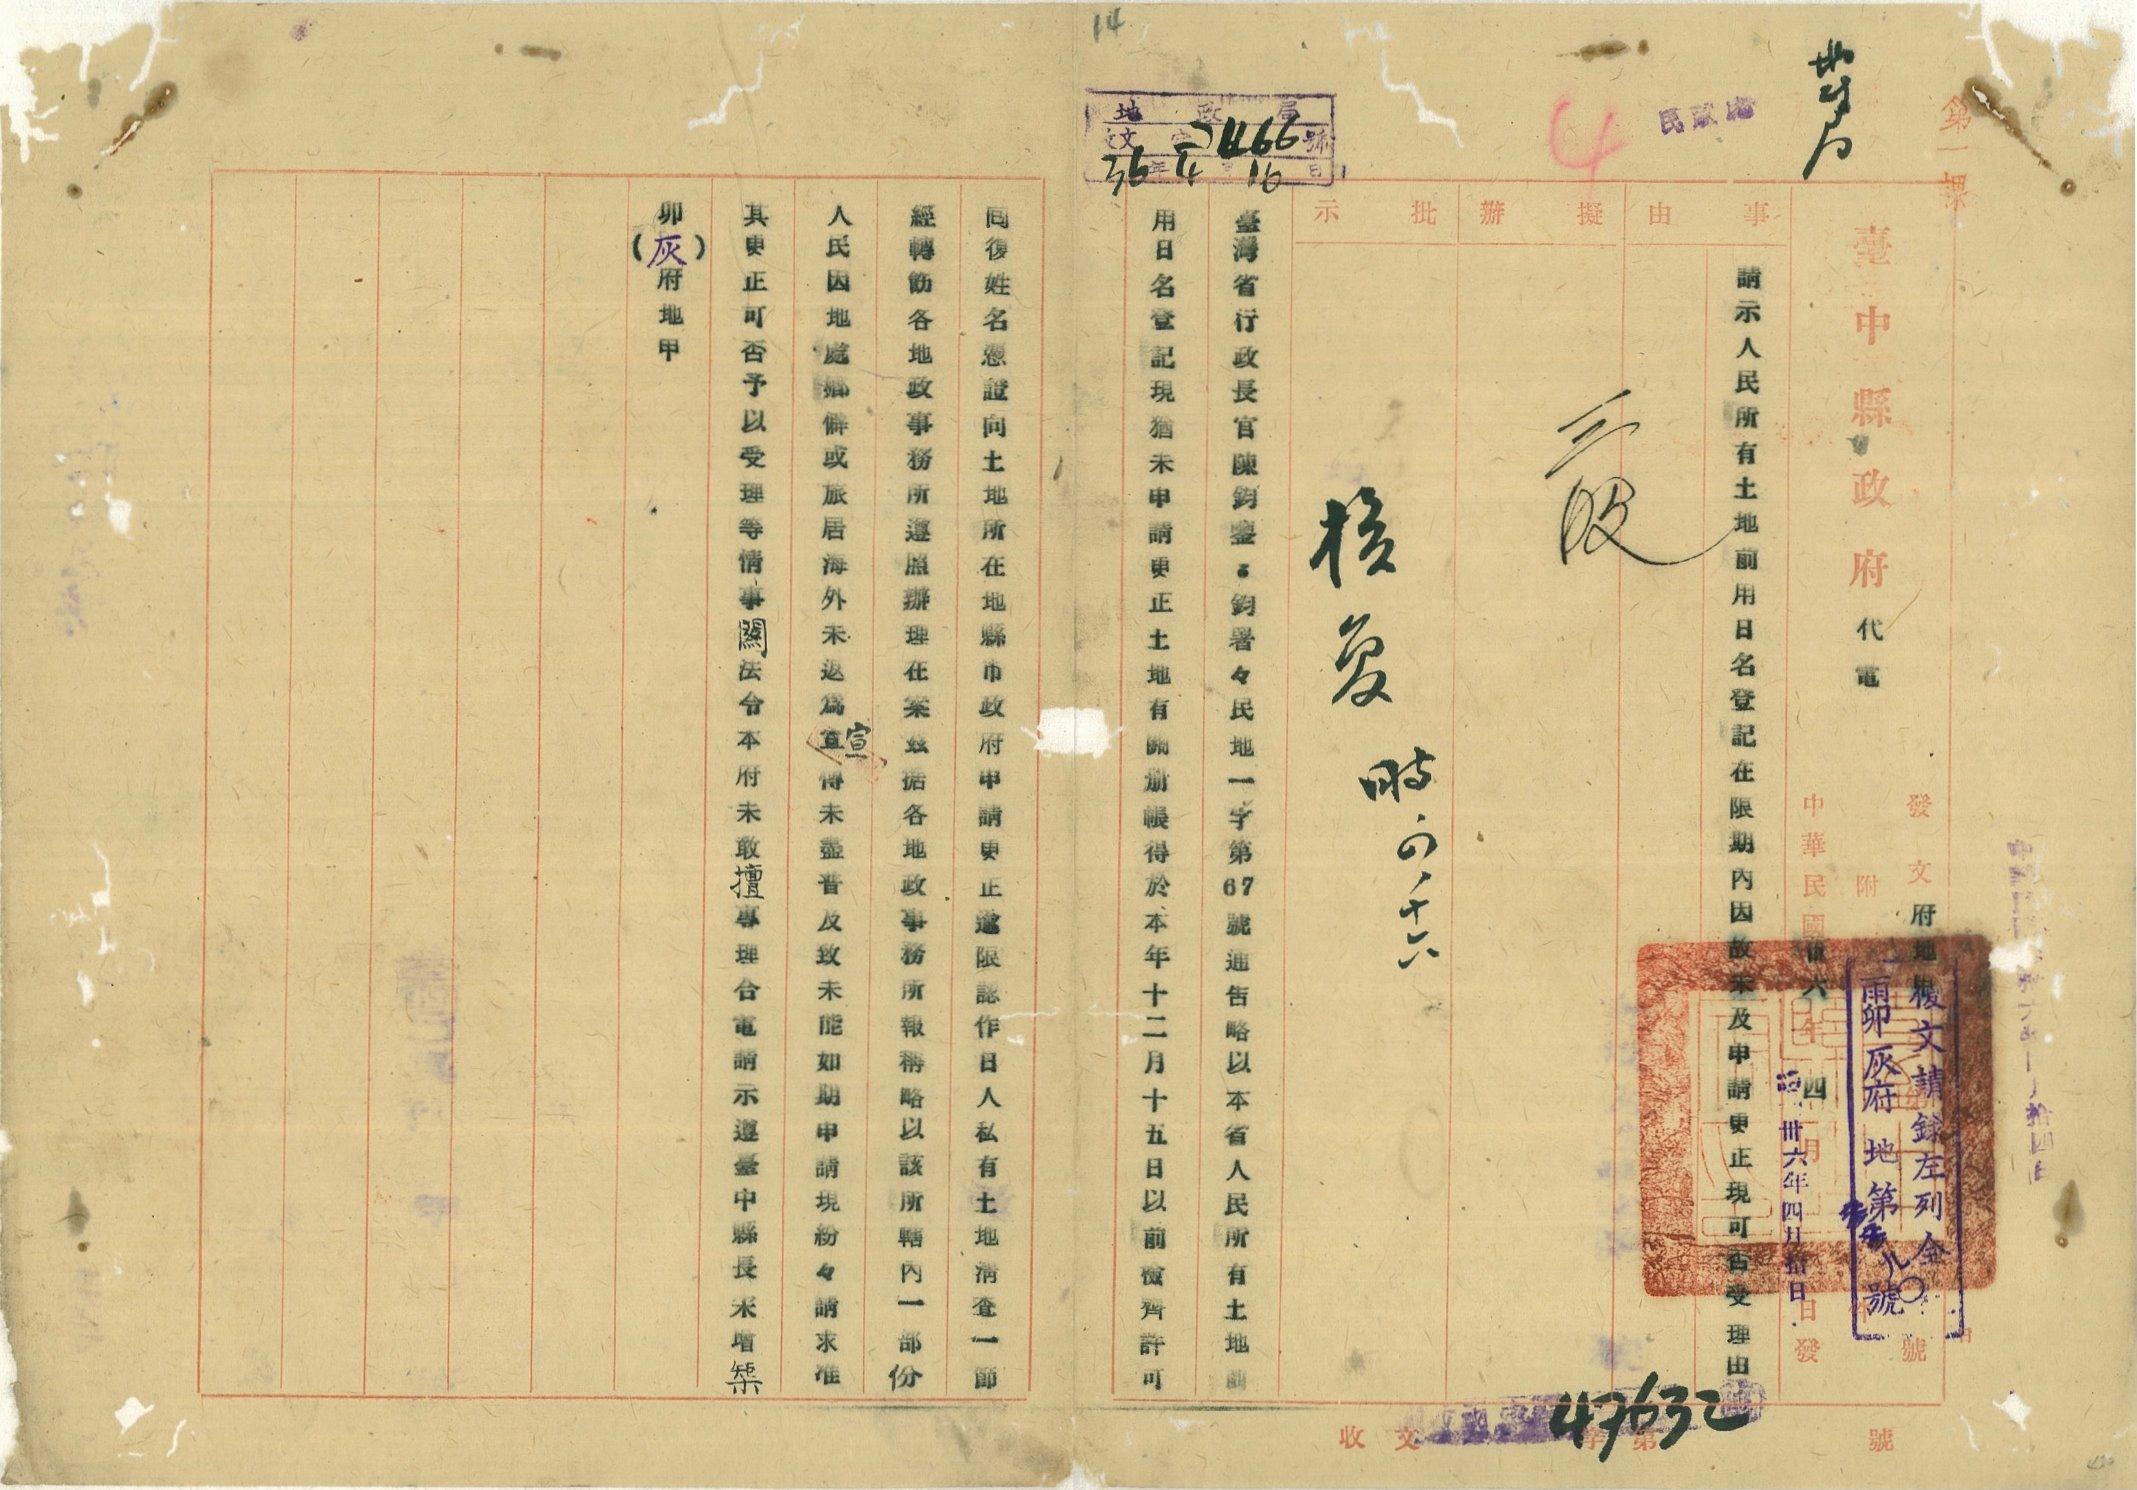 圖八:日名登記土地逾期申請更名可否受理案(臺灣省行政長官公署檔案00315520071003)